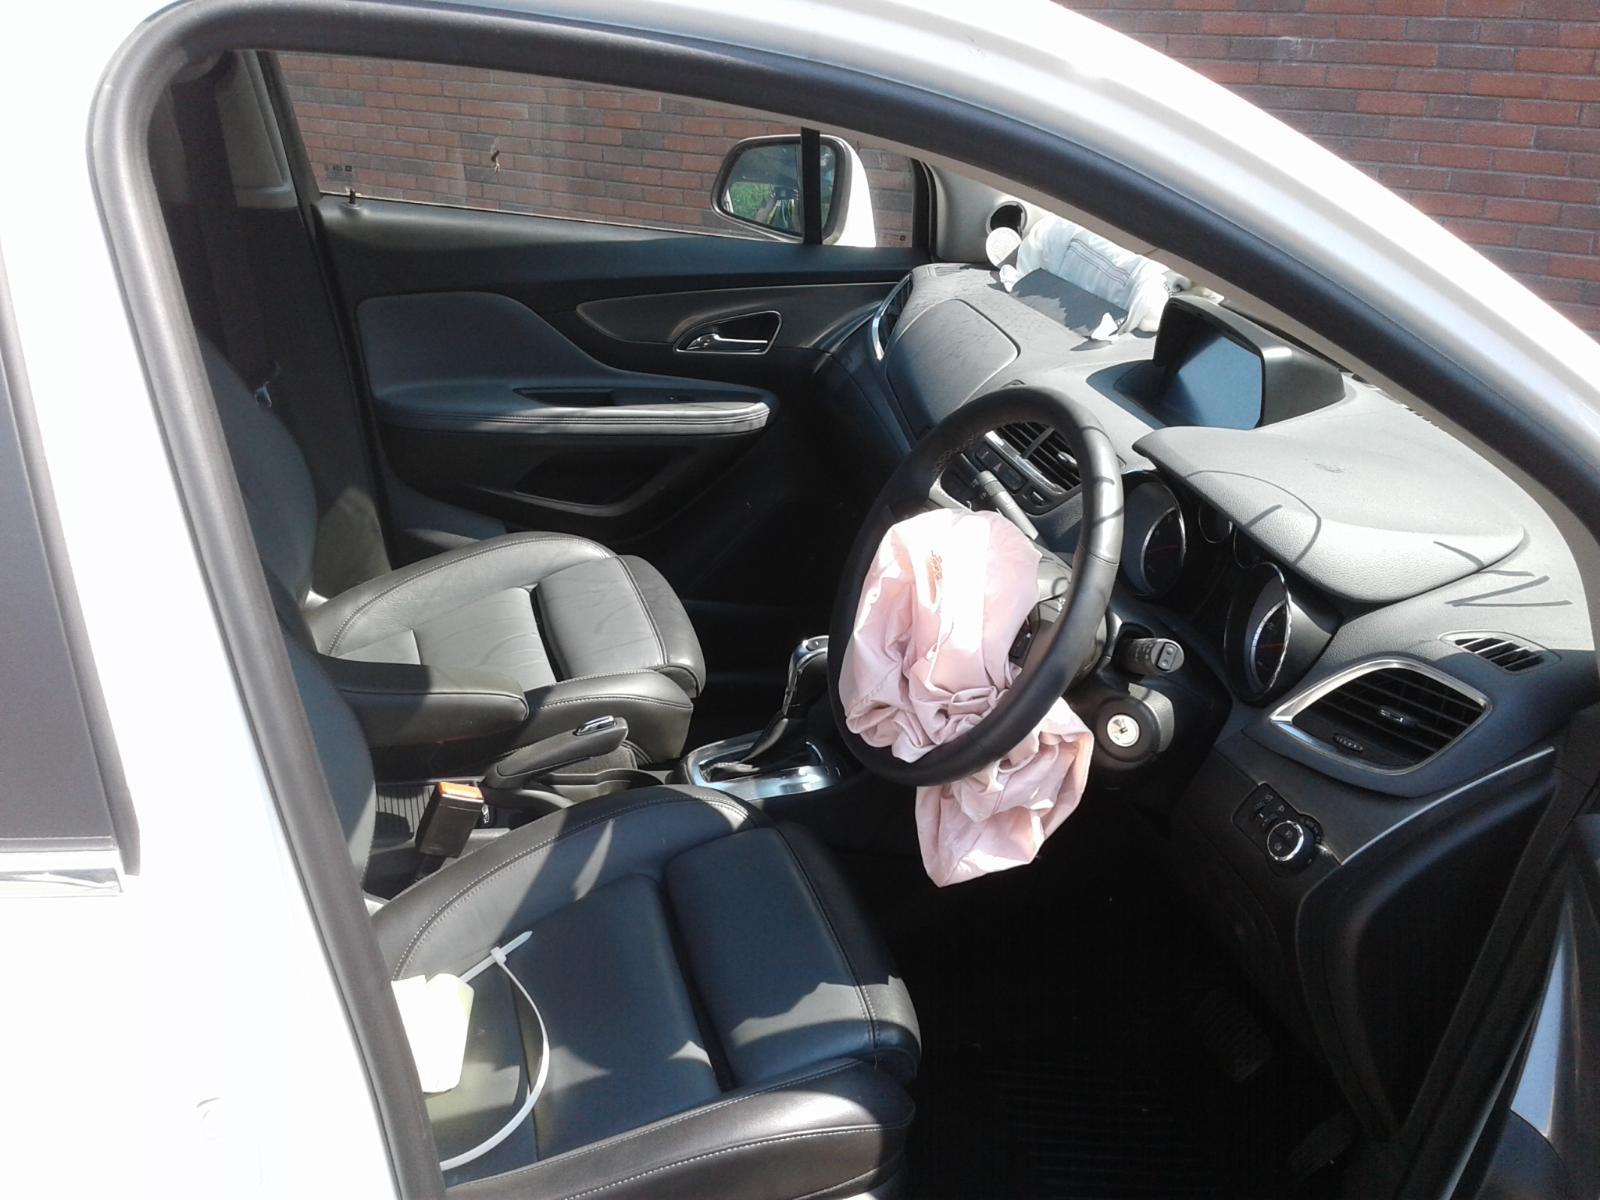 2015 Vauxhall MOKKA SE Image